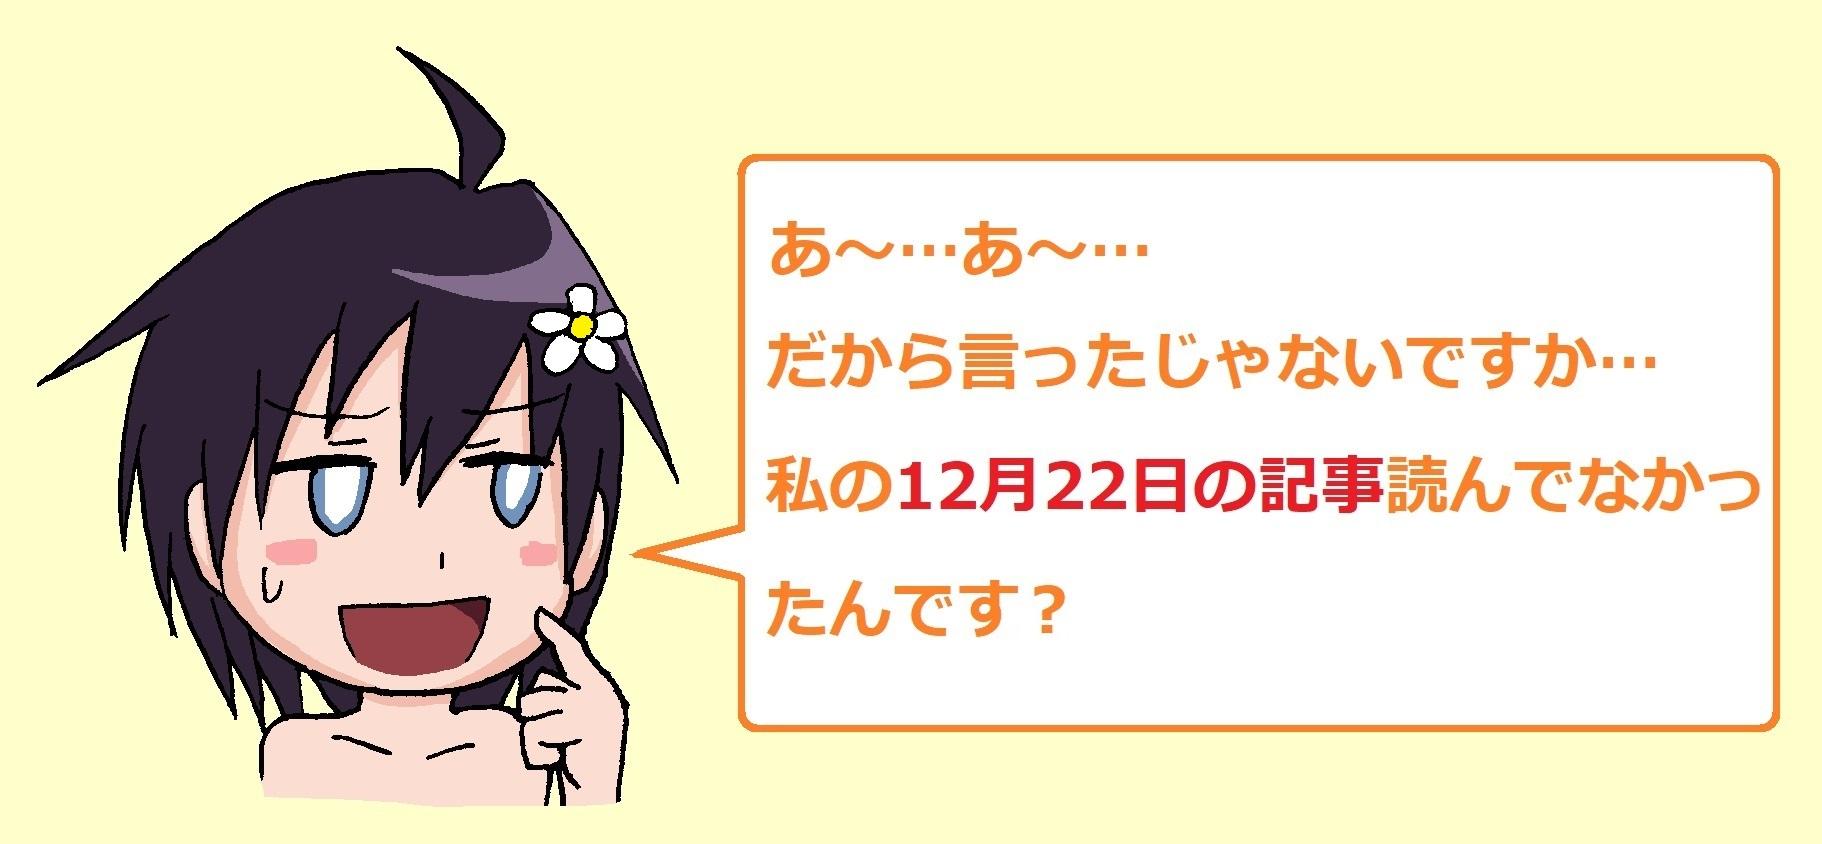 かれぷそ会話24